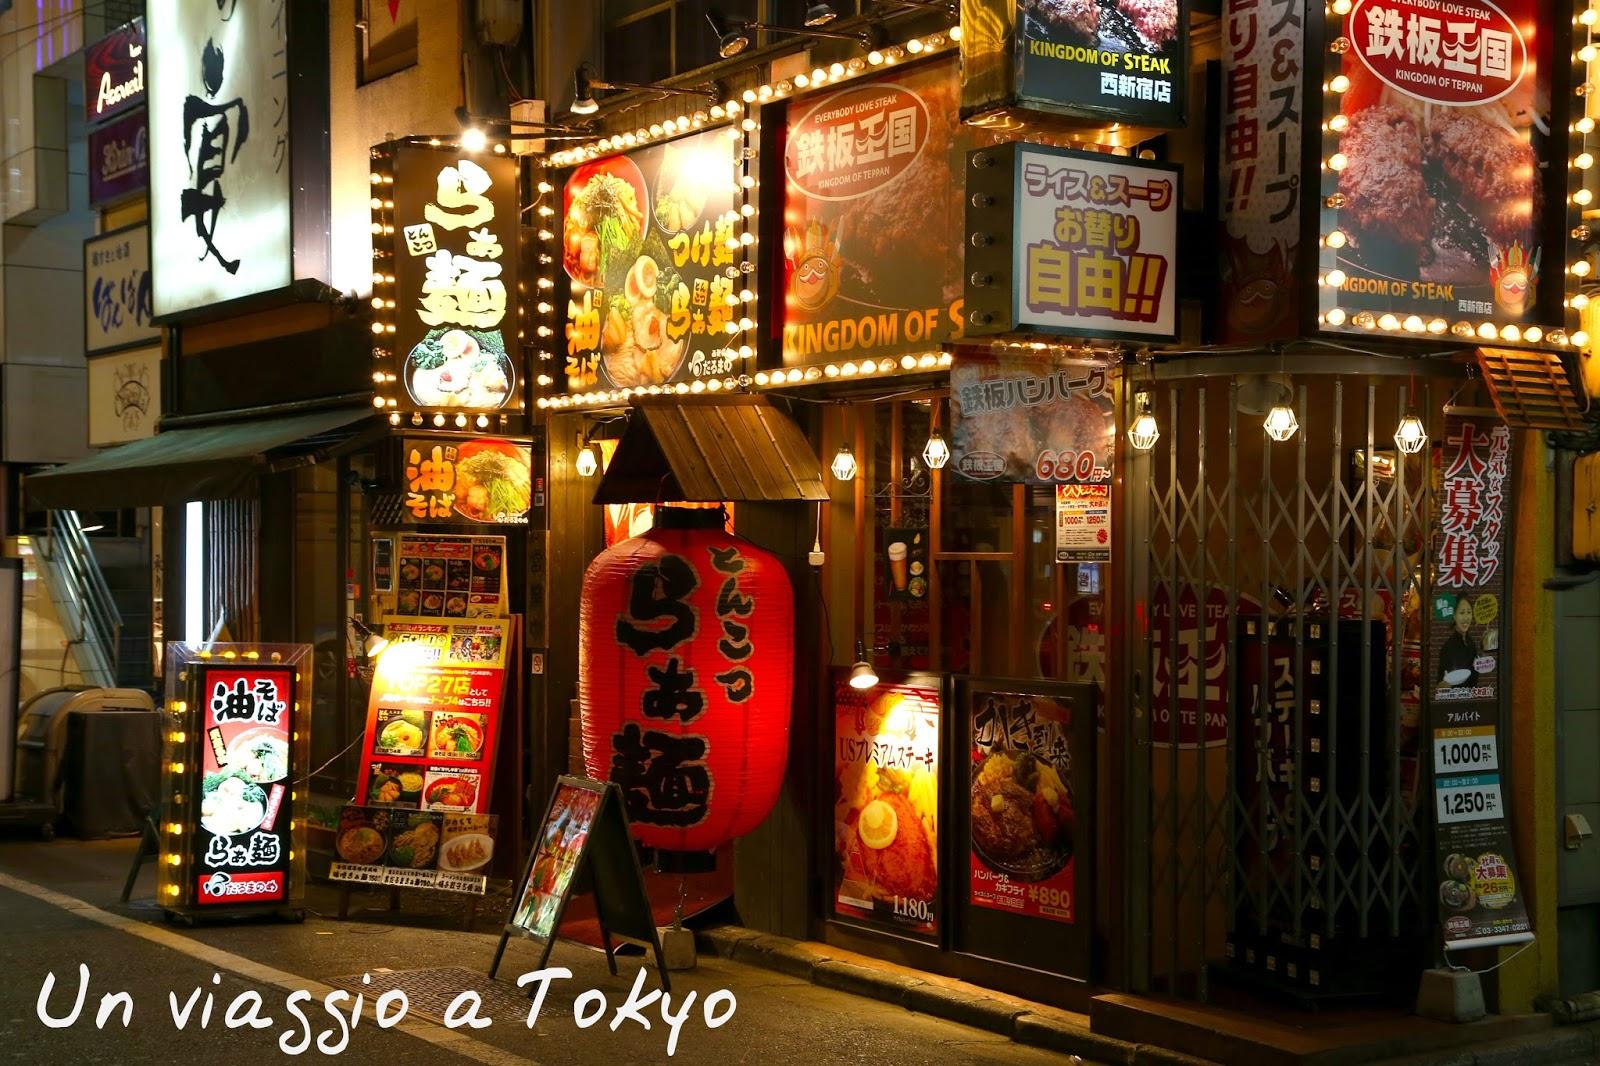 Velocità datazione Giappone Osaka donna di 30 anni che esce con un uomo di 25 anni